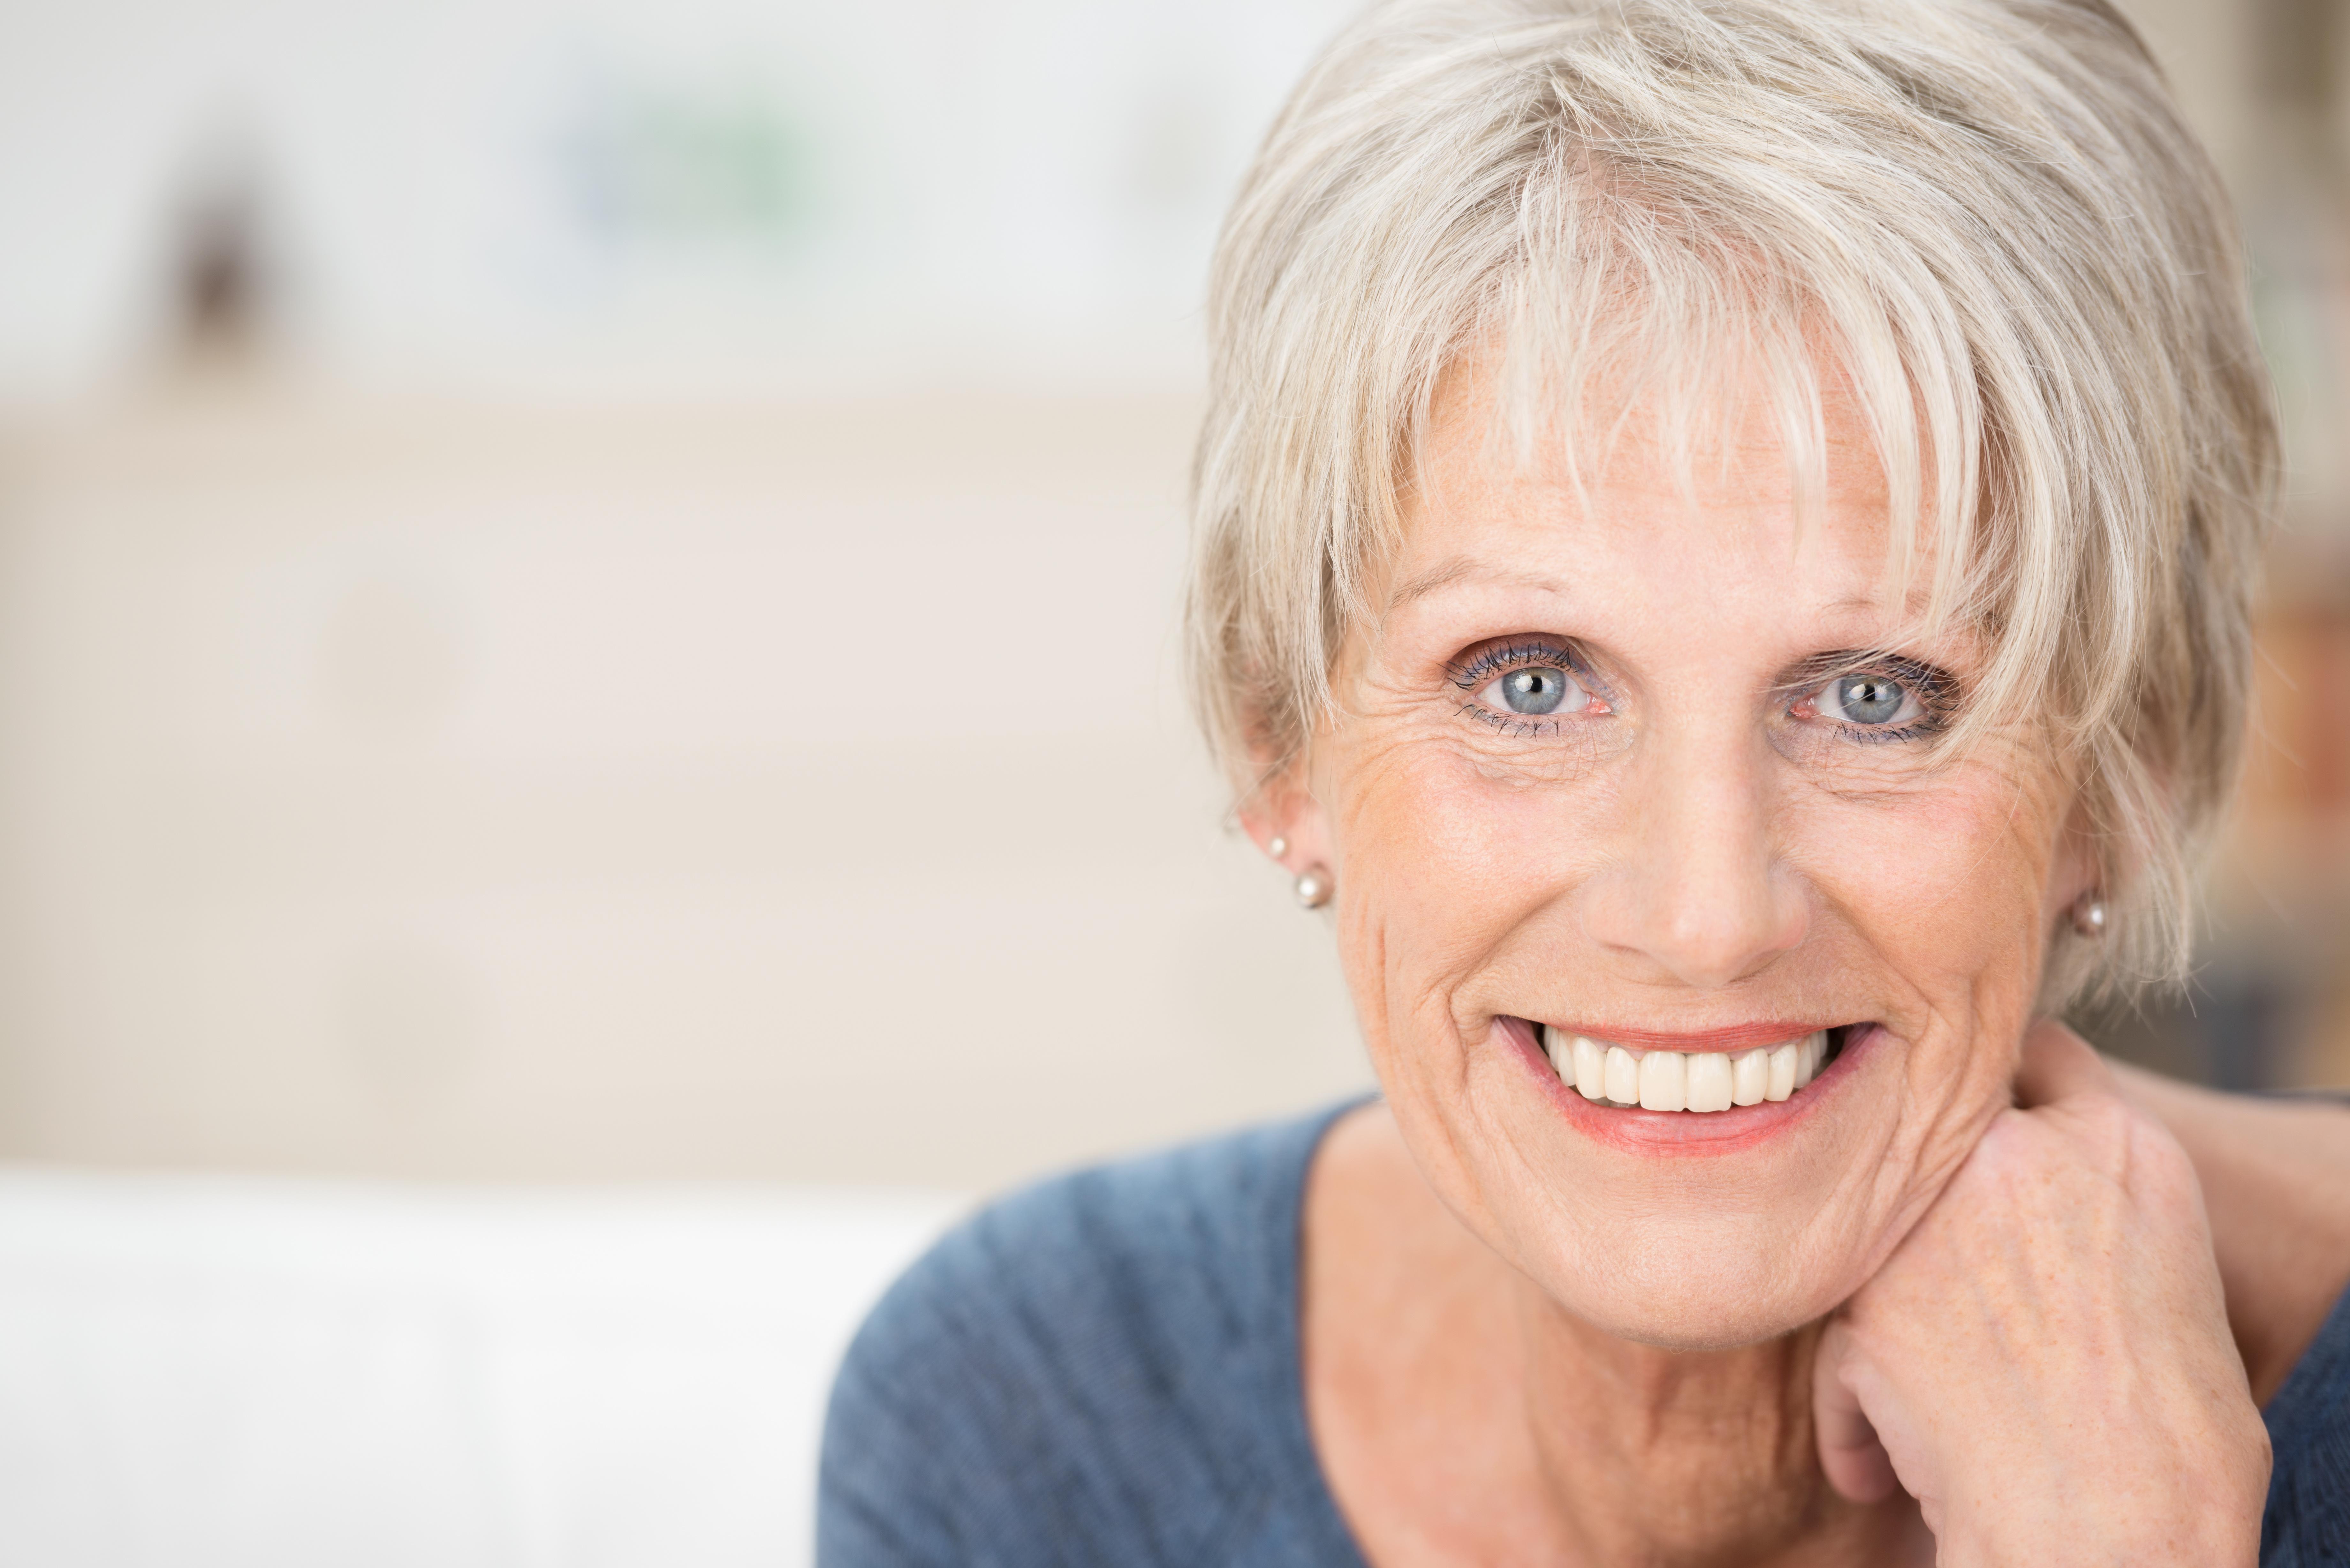 Strahlendes Lächeln auch im Alter